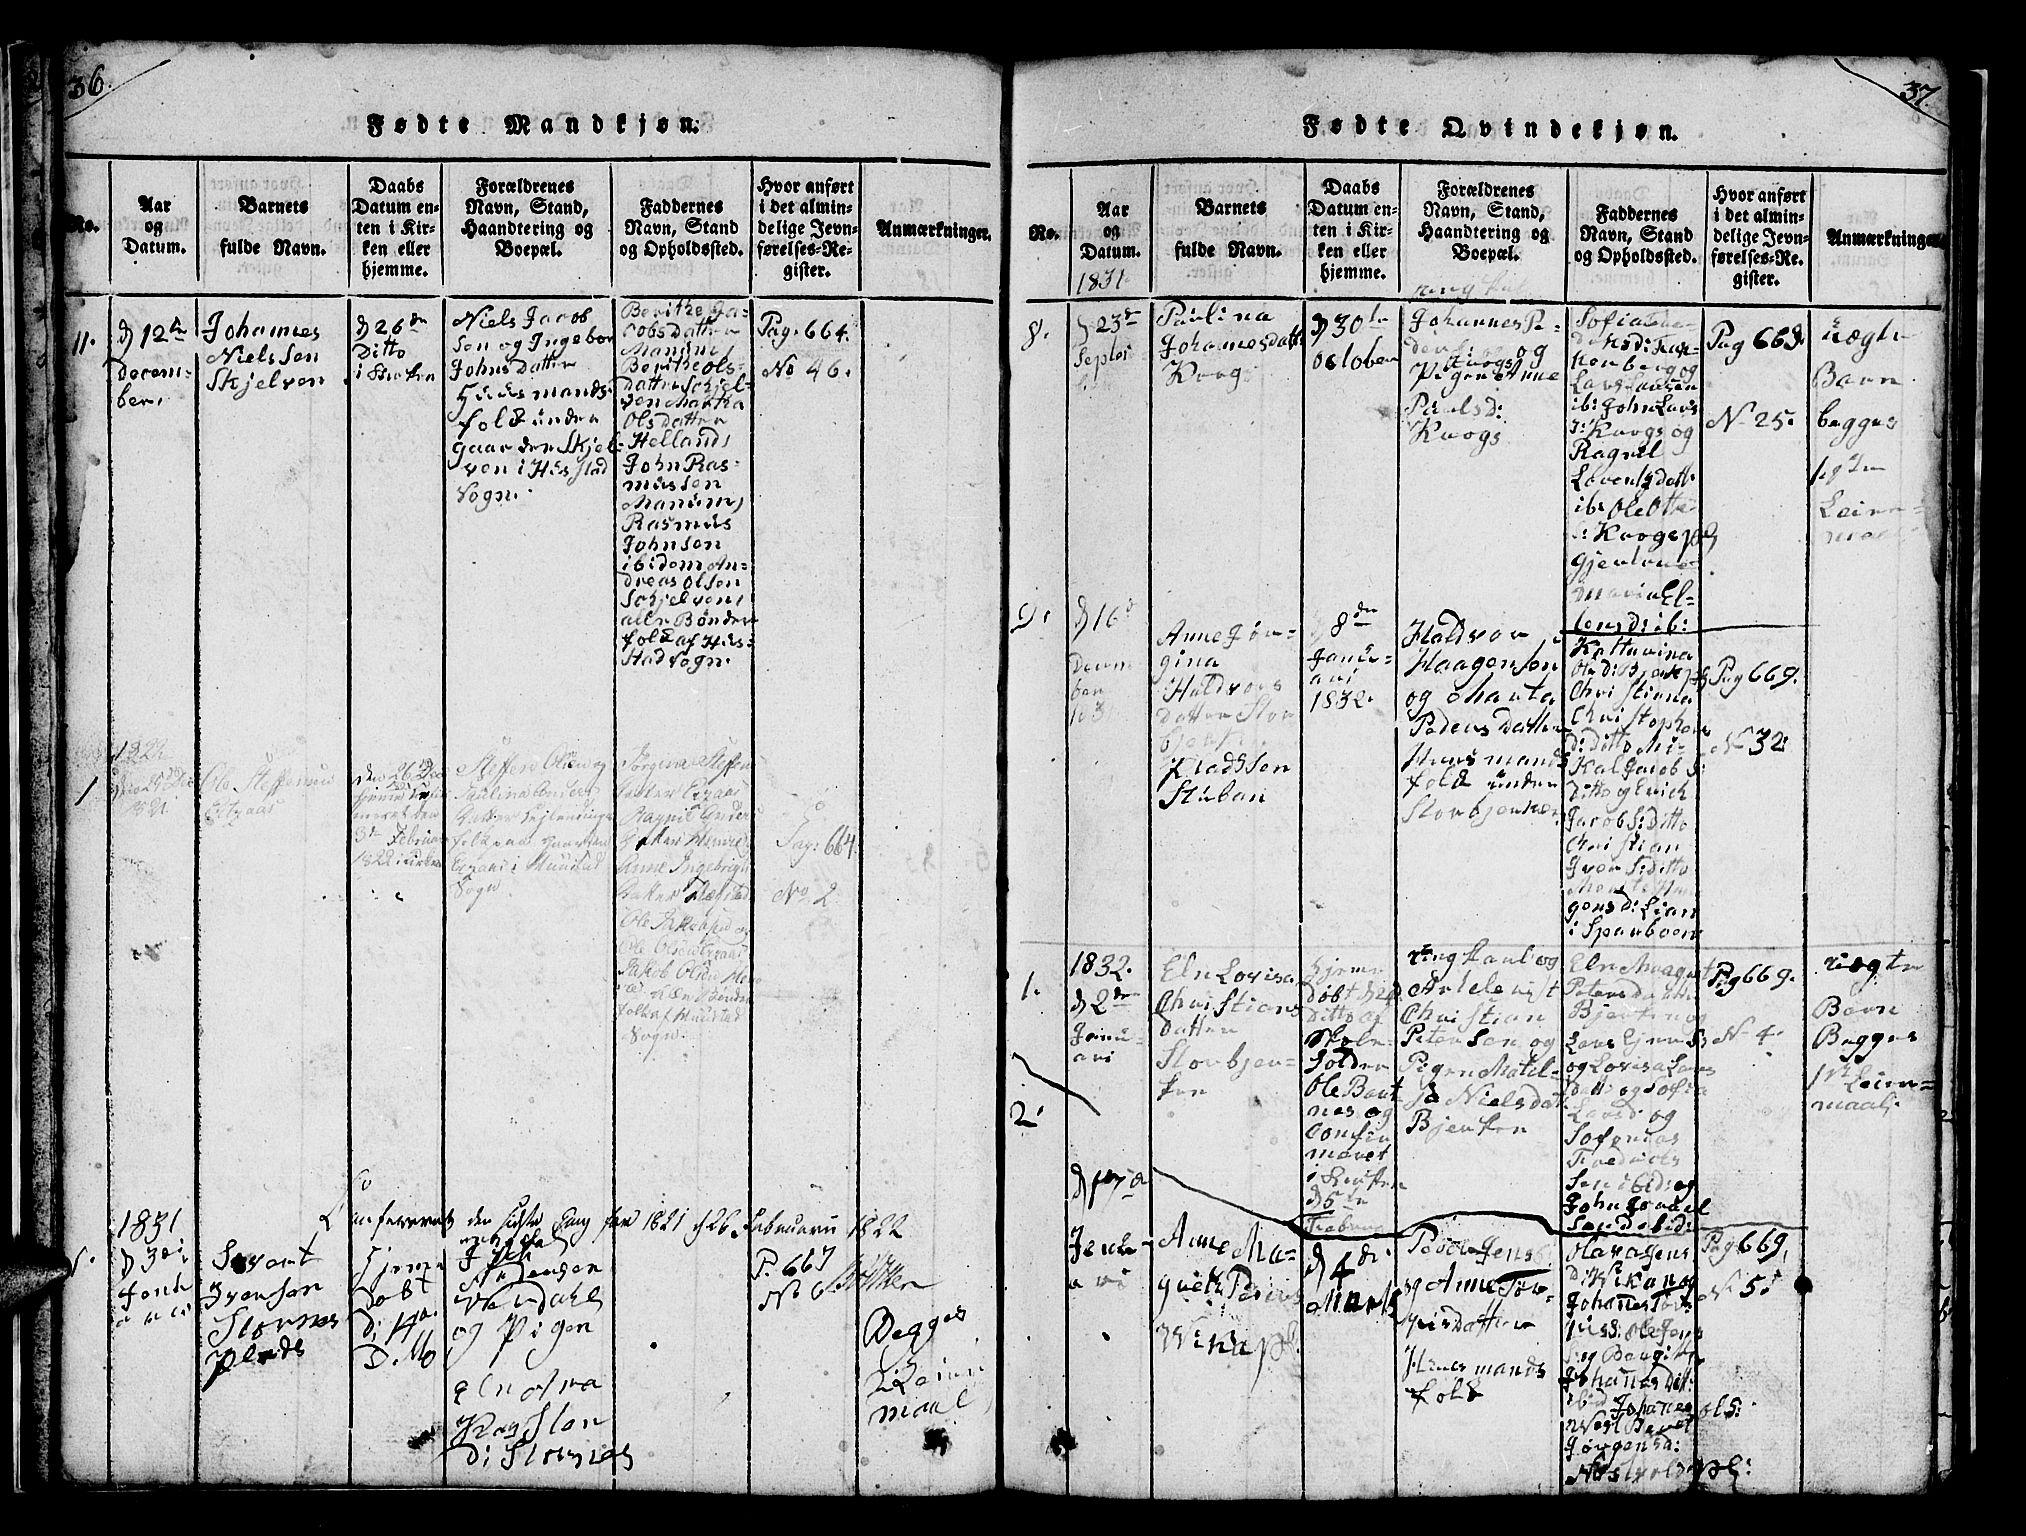 SAT, Ministerialprotokoller, klokkerbøker og fødselsregistre - Nord-Trøndelag, 732/L0317: Klokkerbok nr. 732C01, 1816-1881, s. 36-37